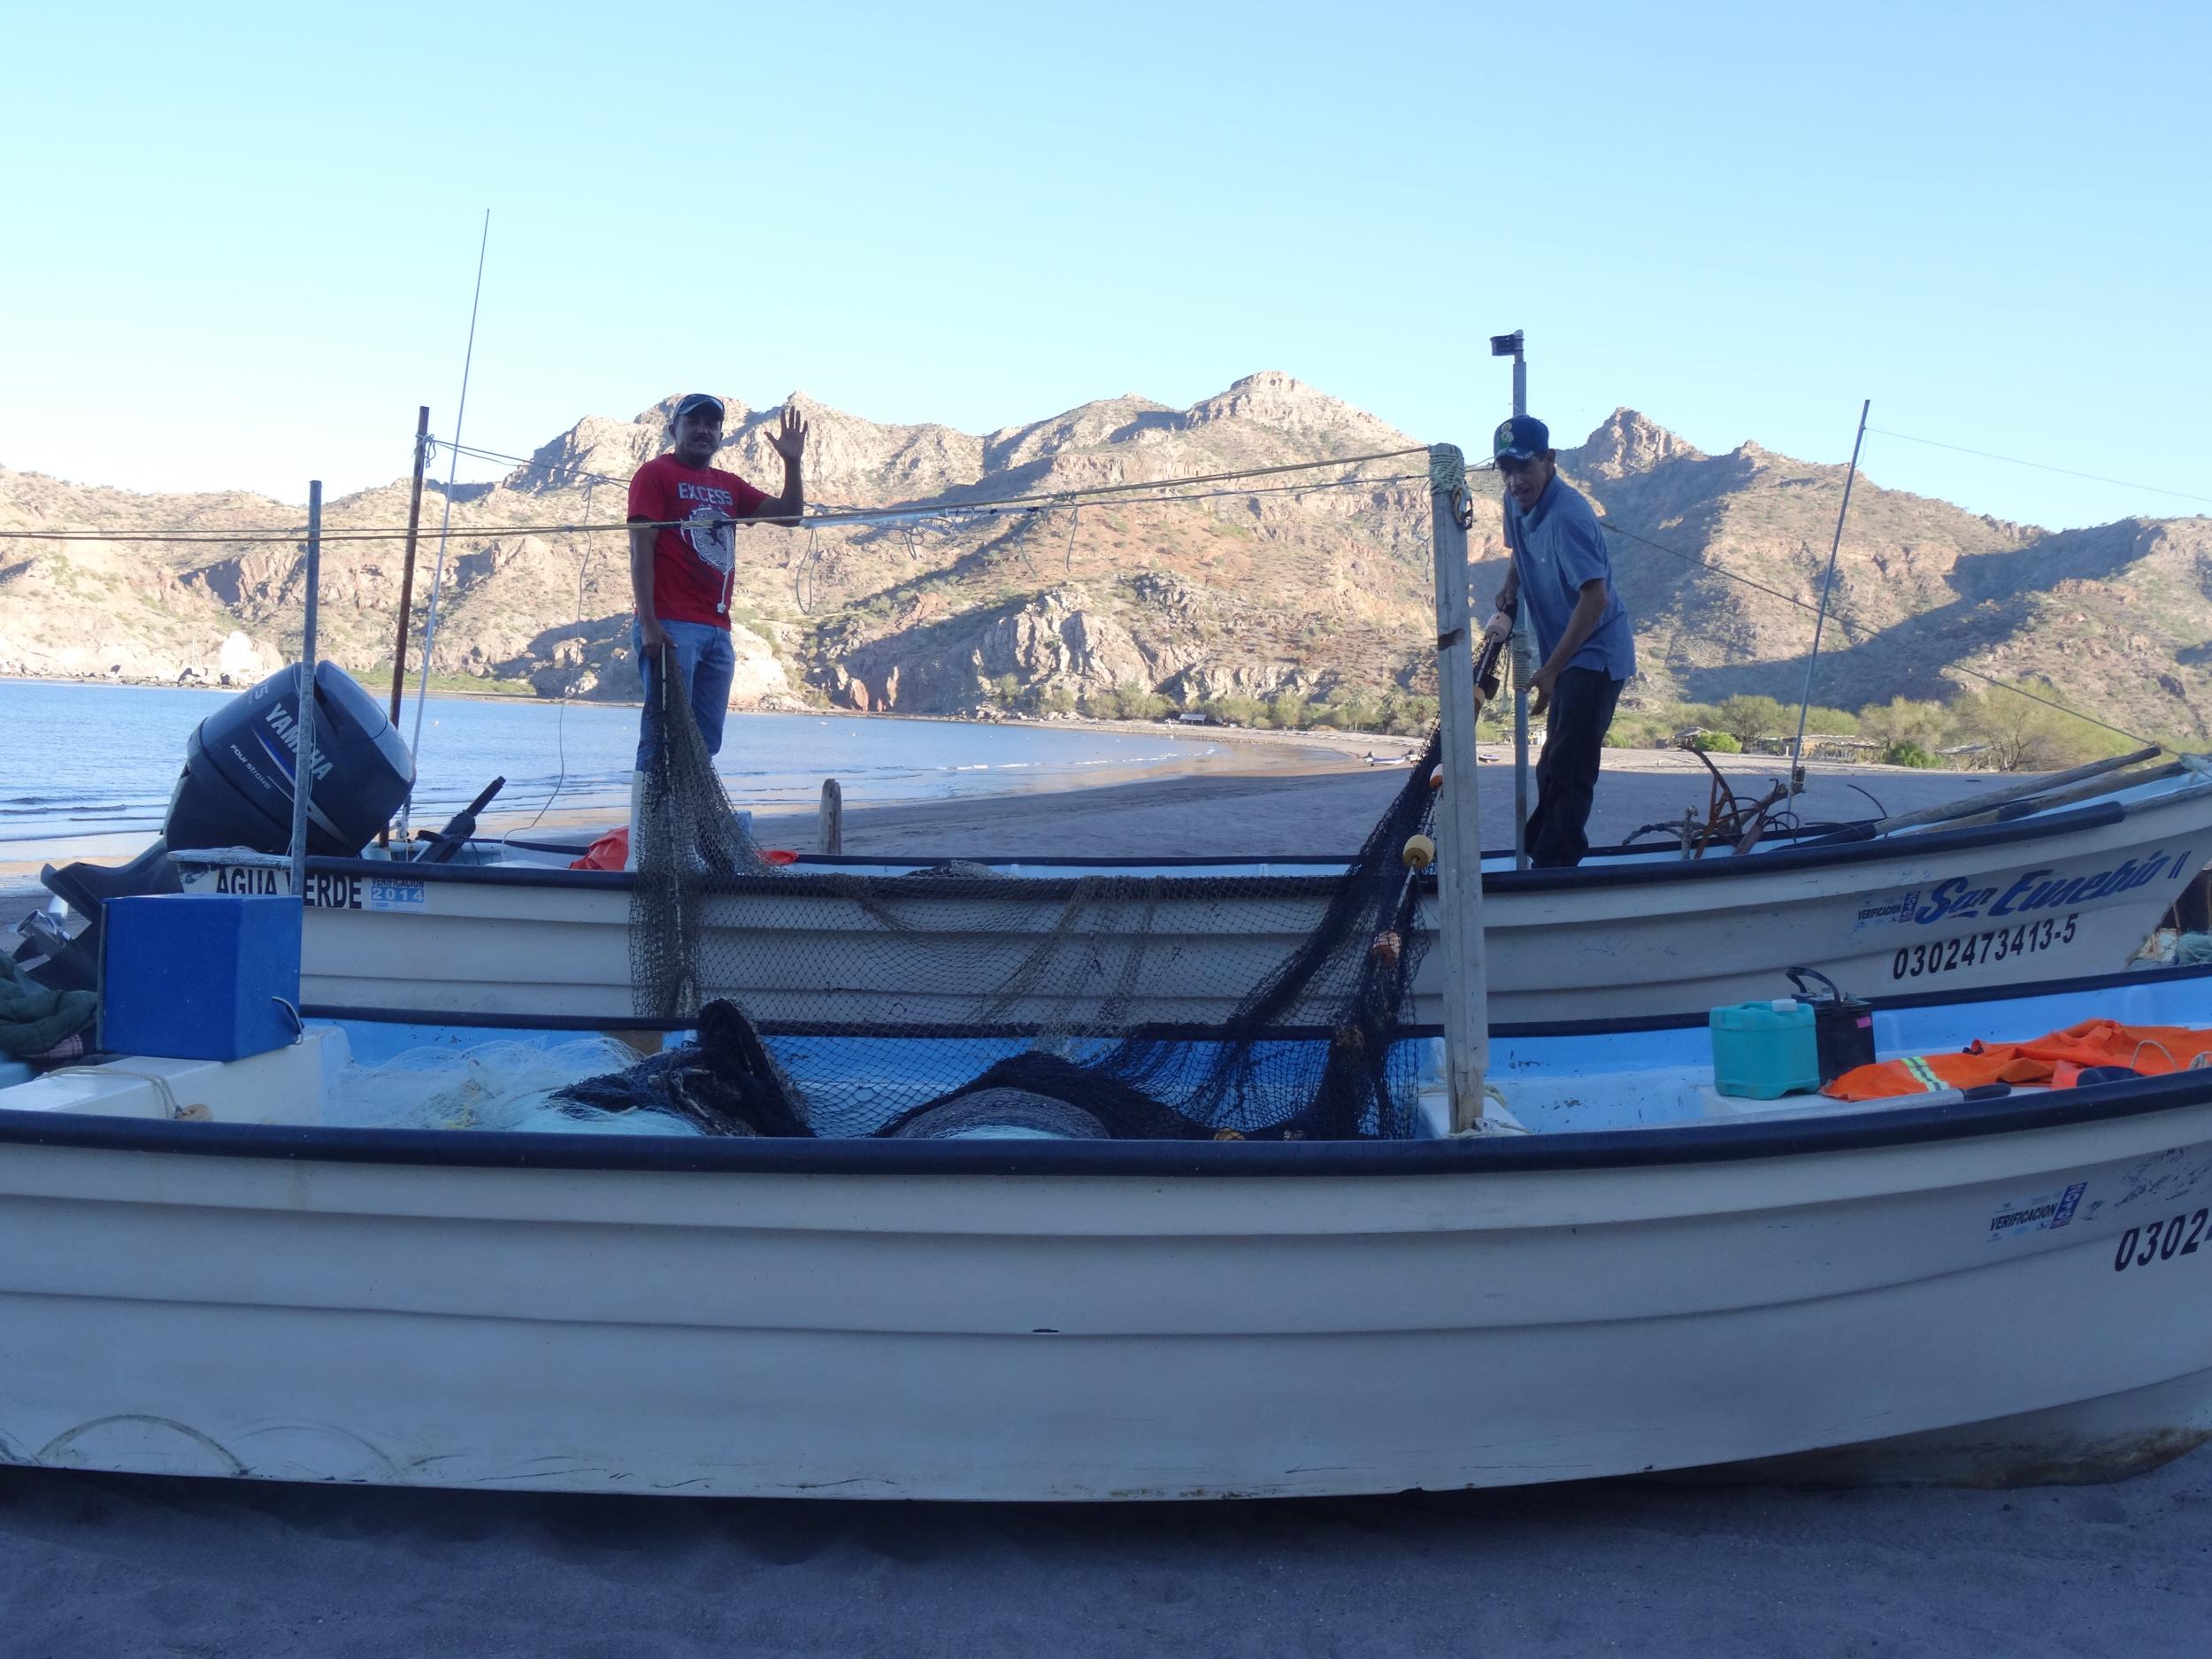 2. Fisherman at Bahia Aqua Verde